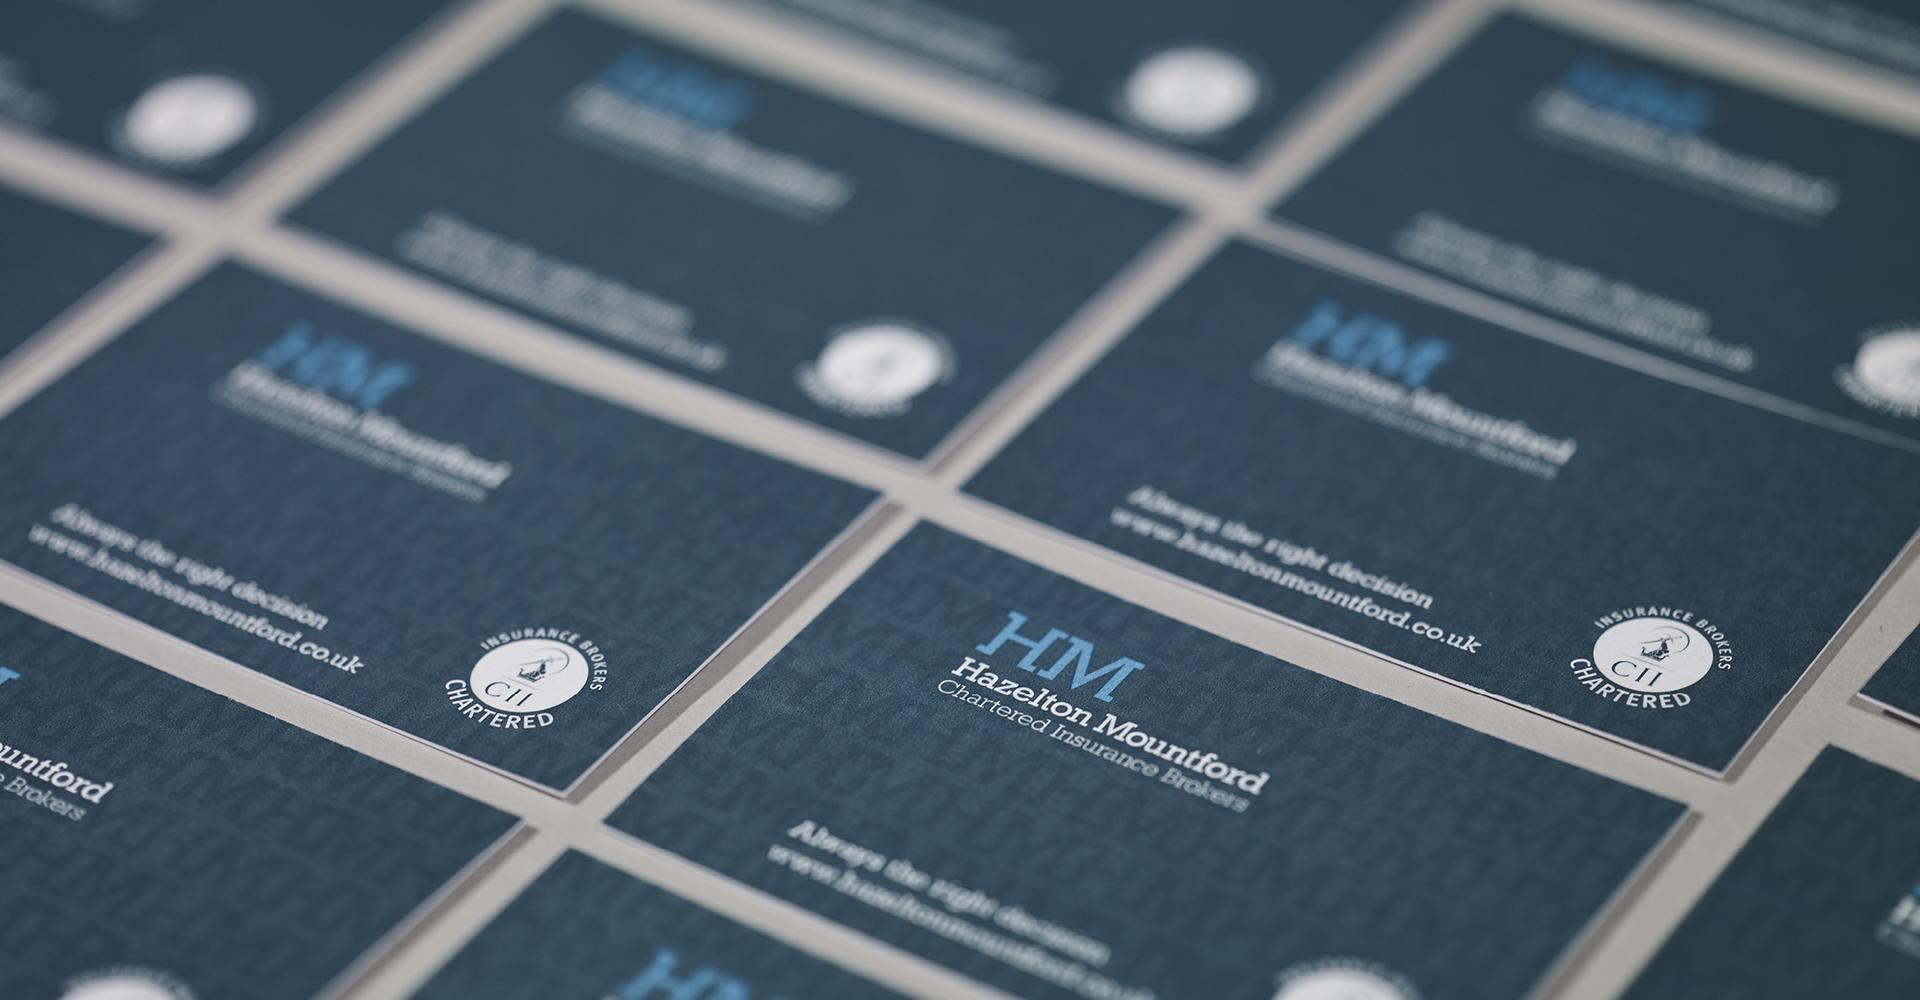 Hazelton Mountford - Business Card Design & Production